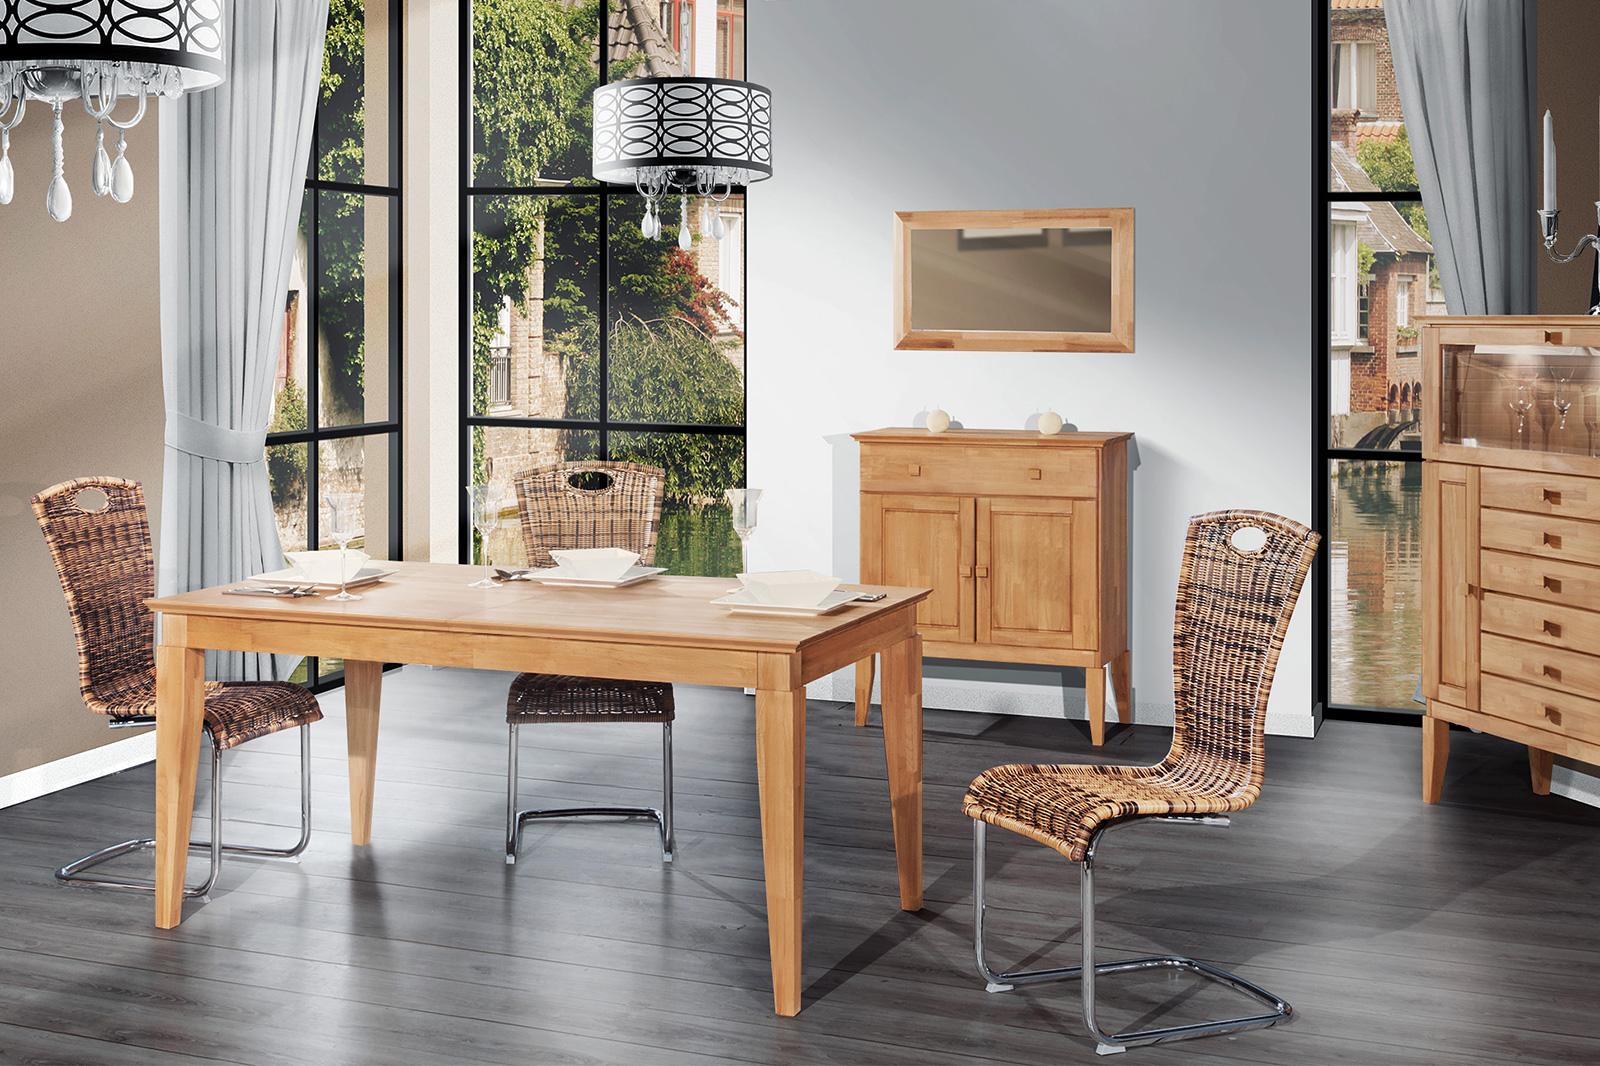 Kolekcja mebli drewnianych do jadalni Odys